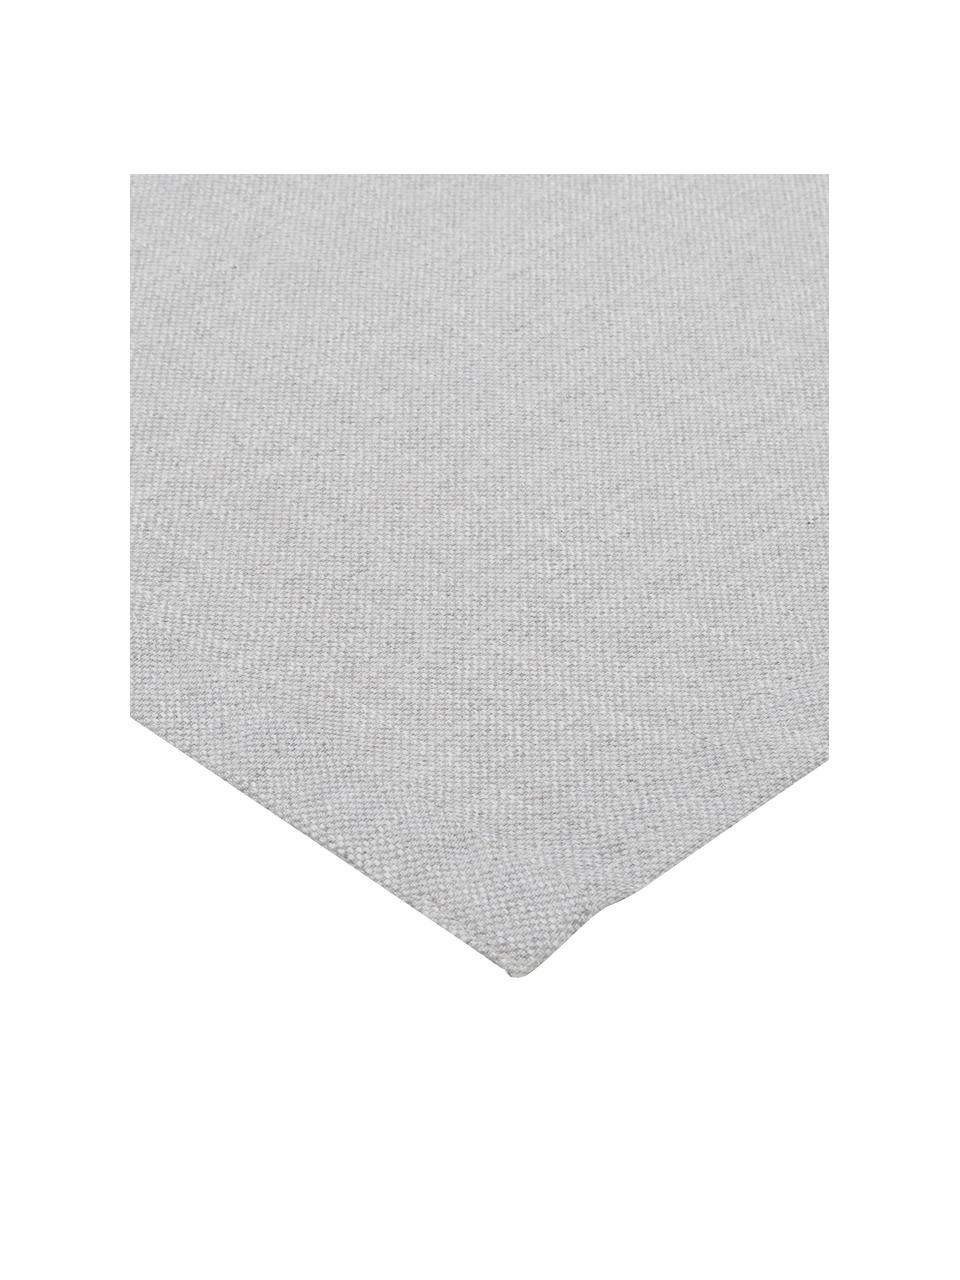 Runner in misto cotone grigio Riva, 55% cotone, 45% poliestere, Grigio, Larg. 40 x Lung. 150 cm